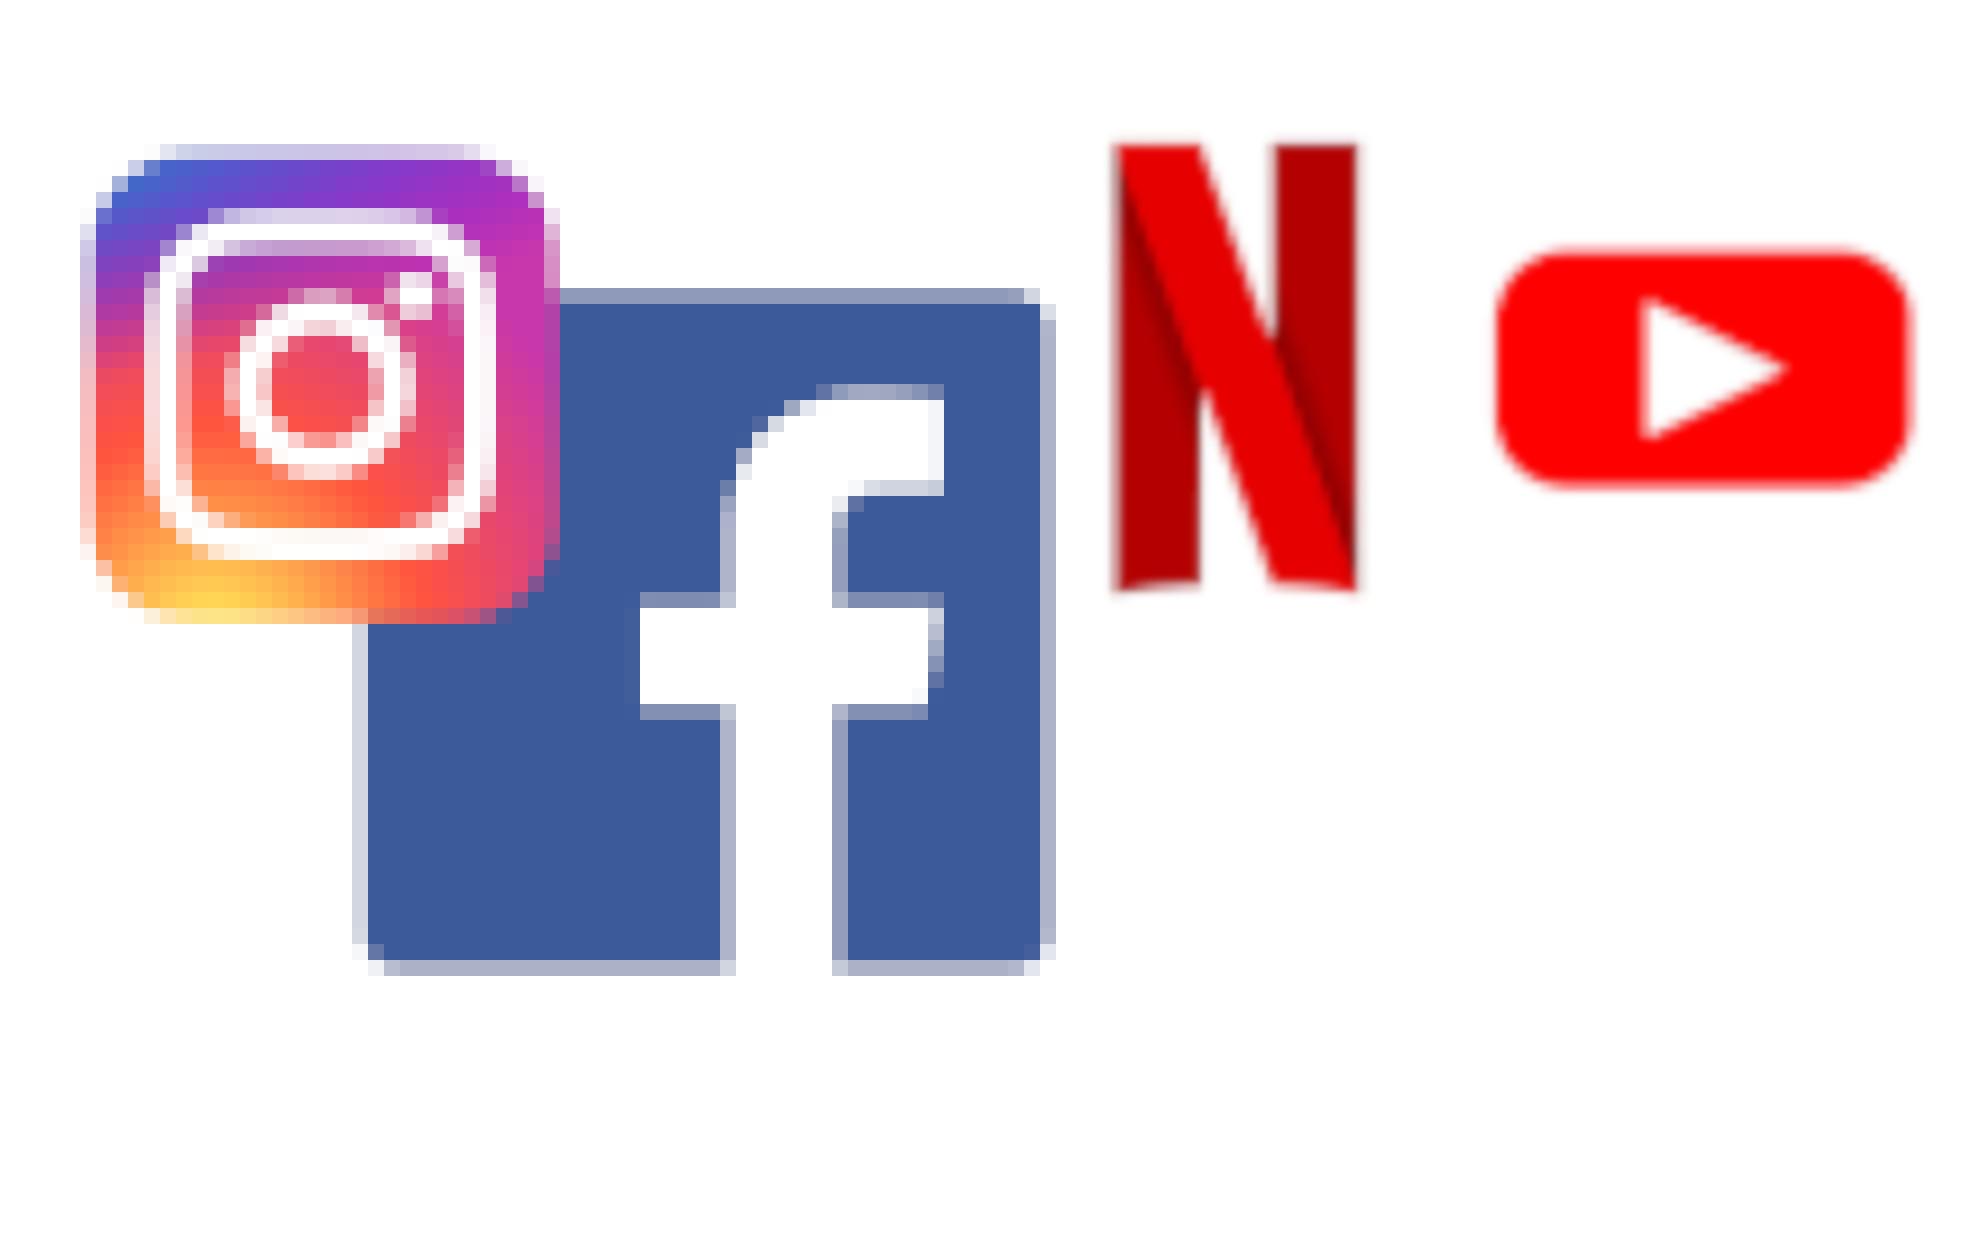 Facebook i Instagram obniżą jakość przesyłanego wideo razem z Netfliksem i YouTube 27